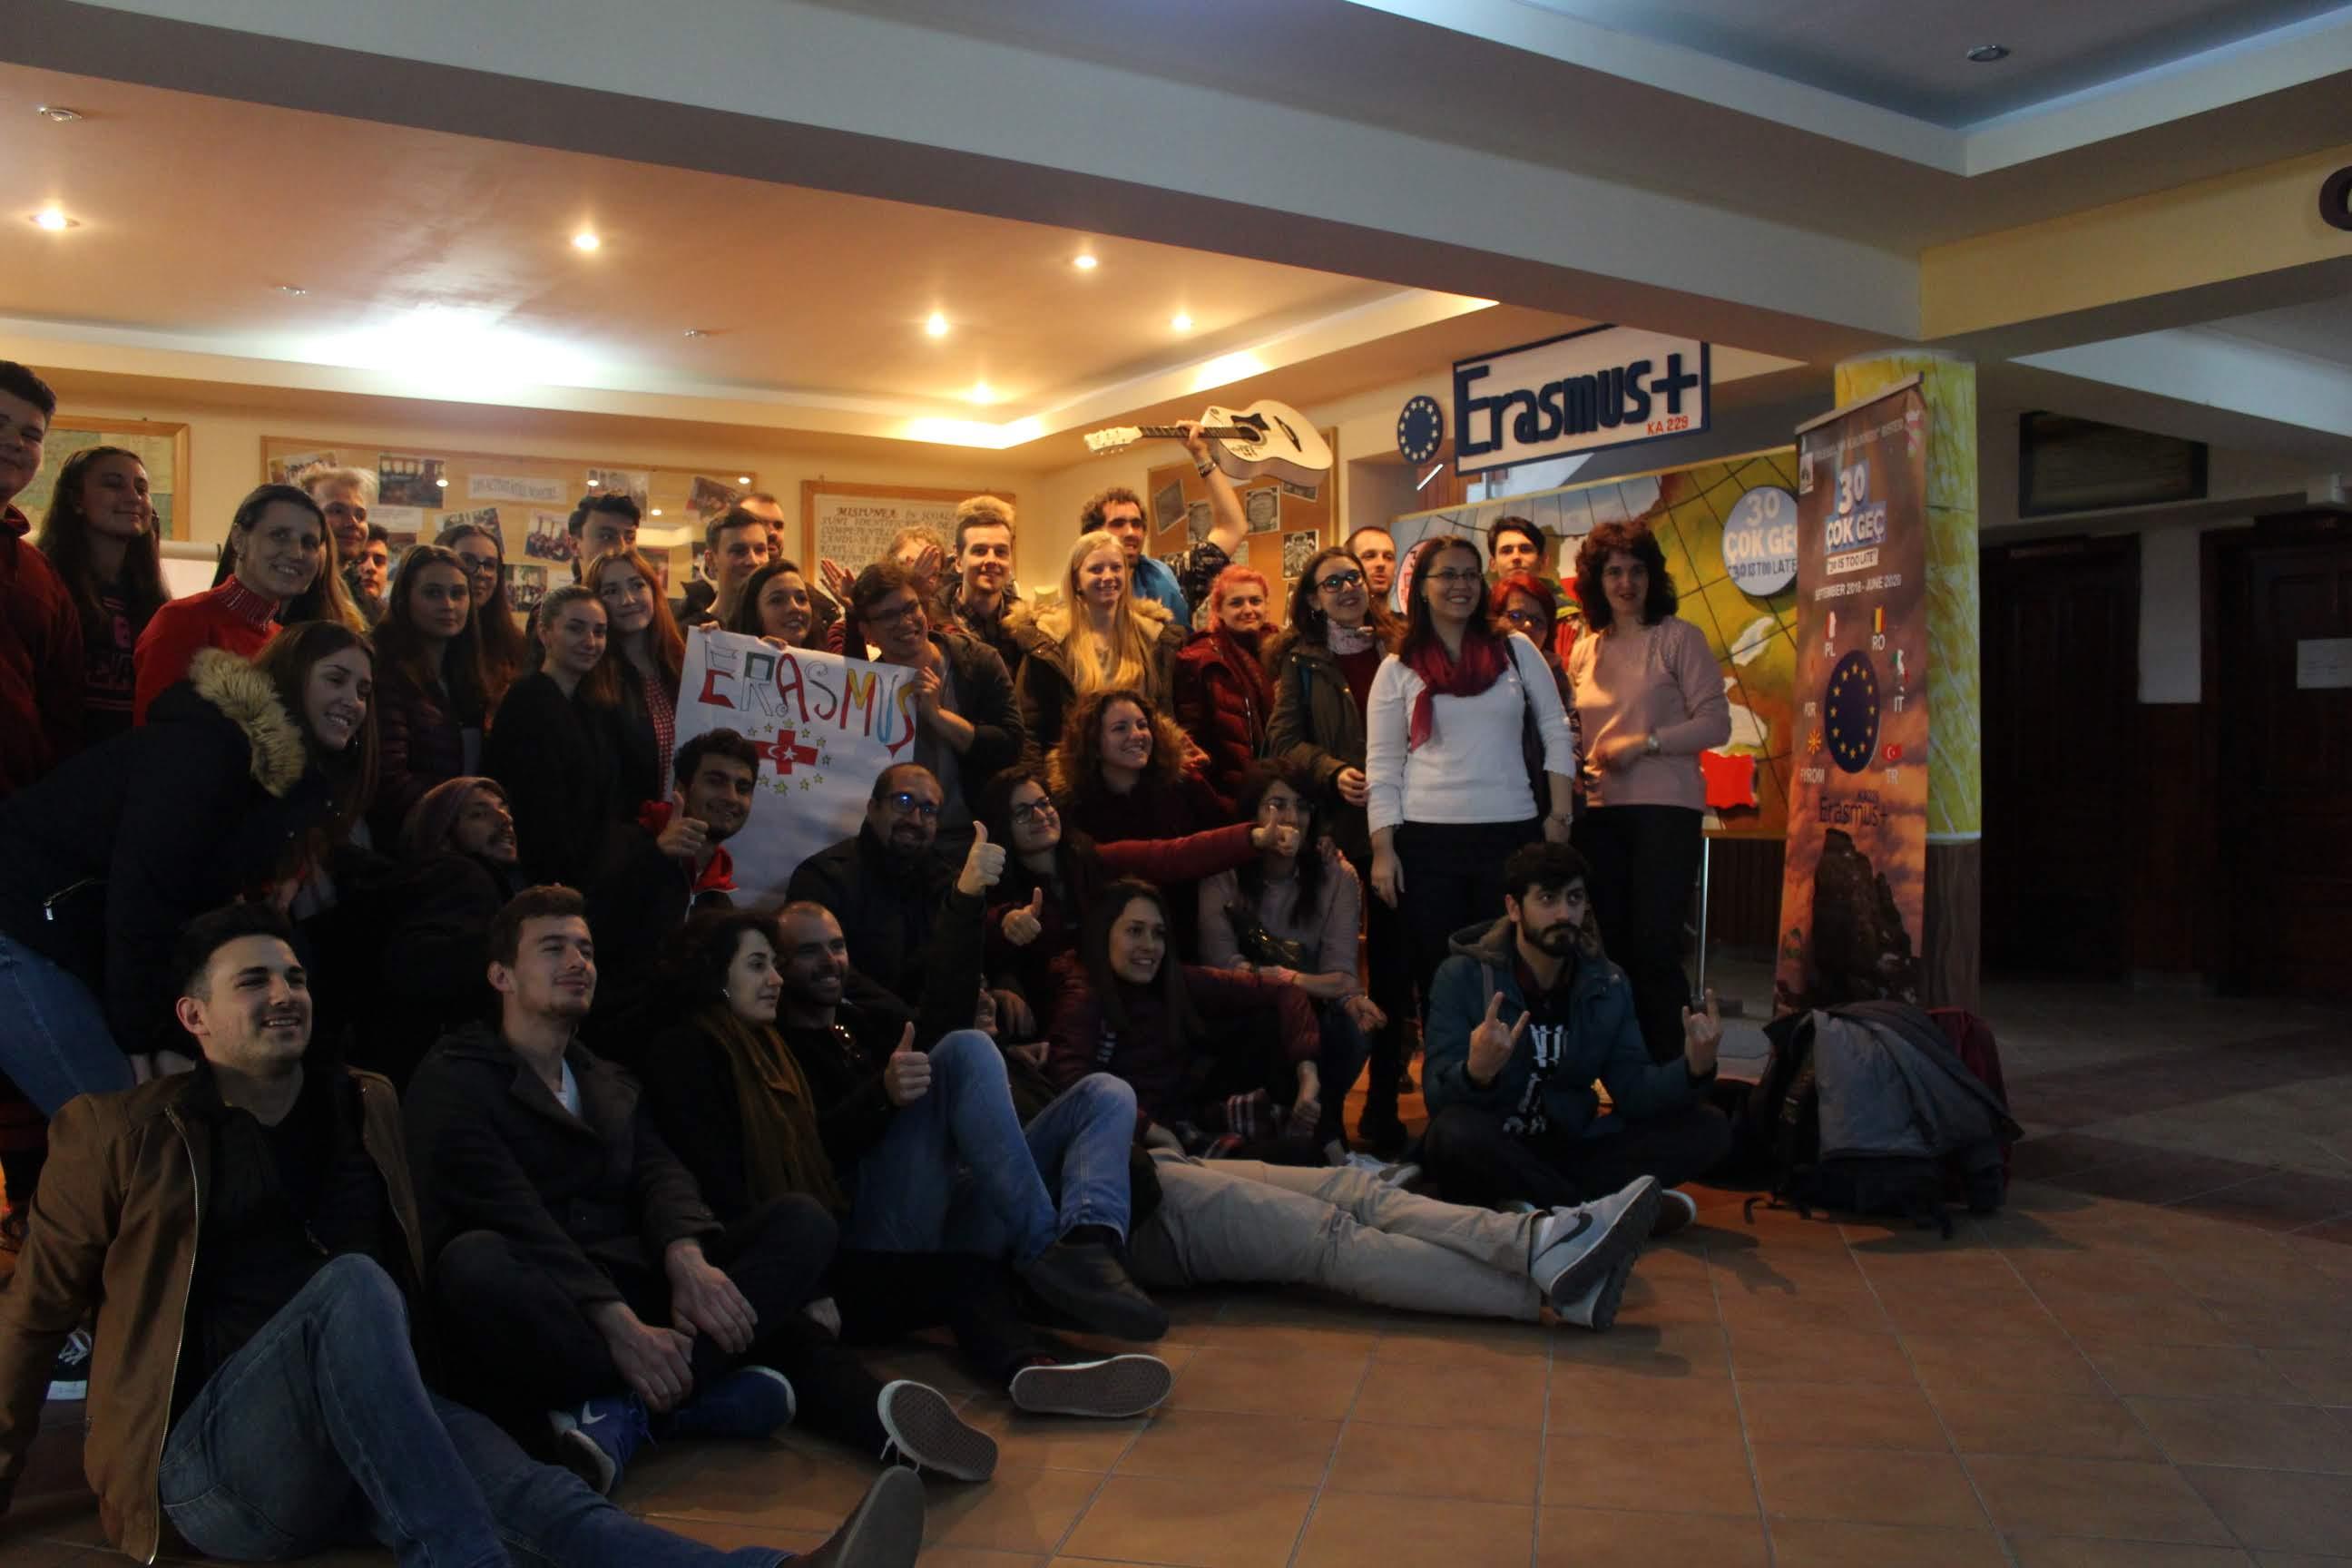 Las asociaciones locales El Uali Sahara y Aktive Kosmos en Rumanía 7